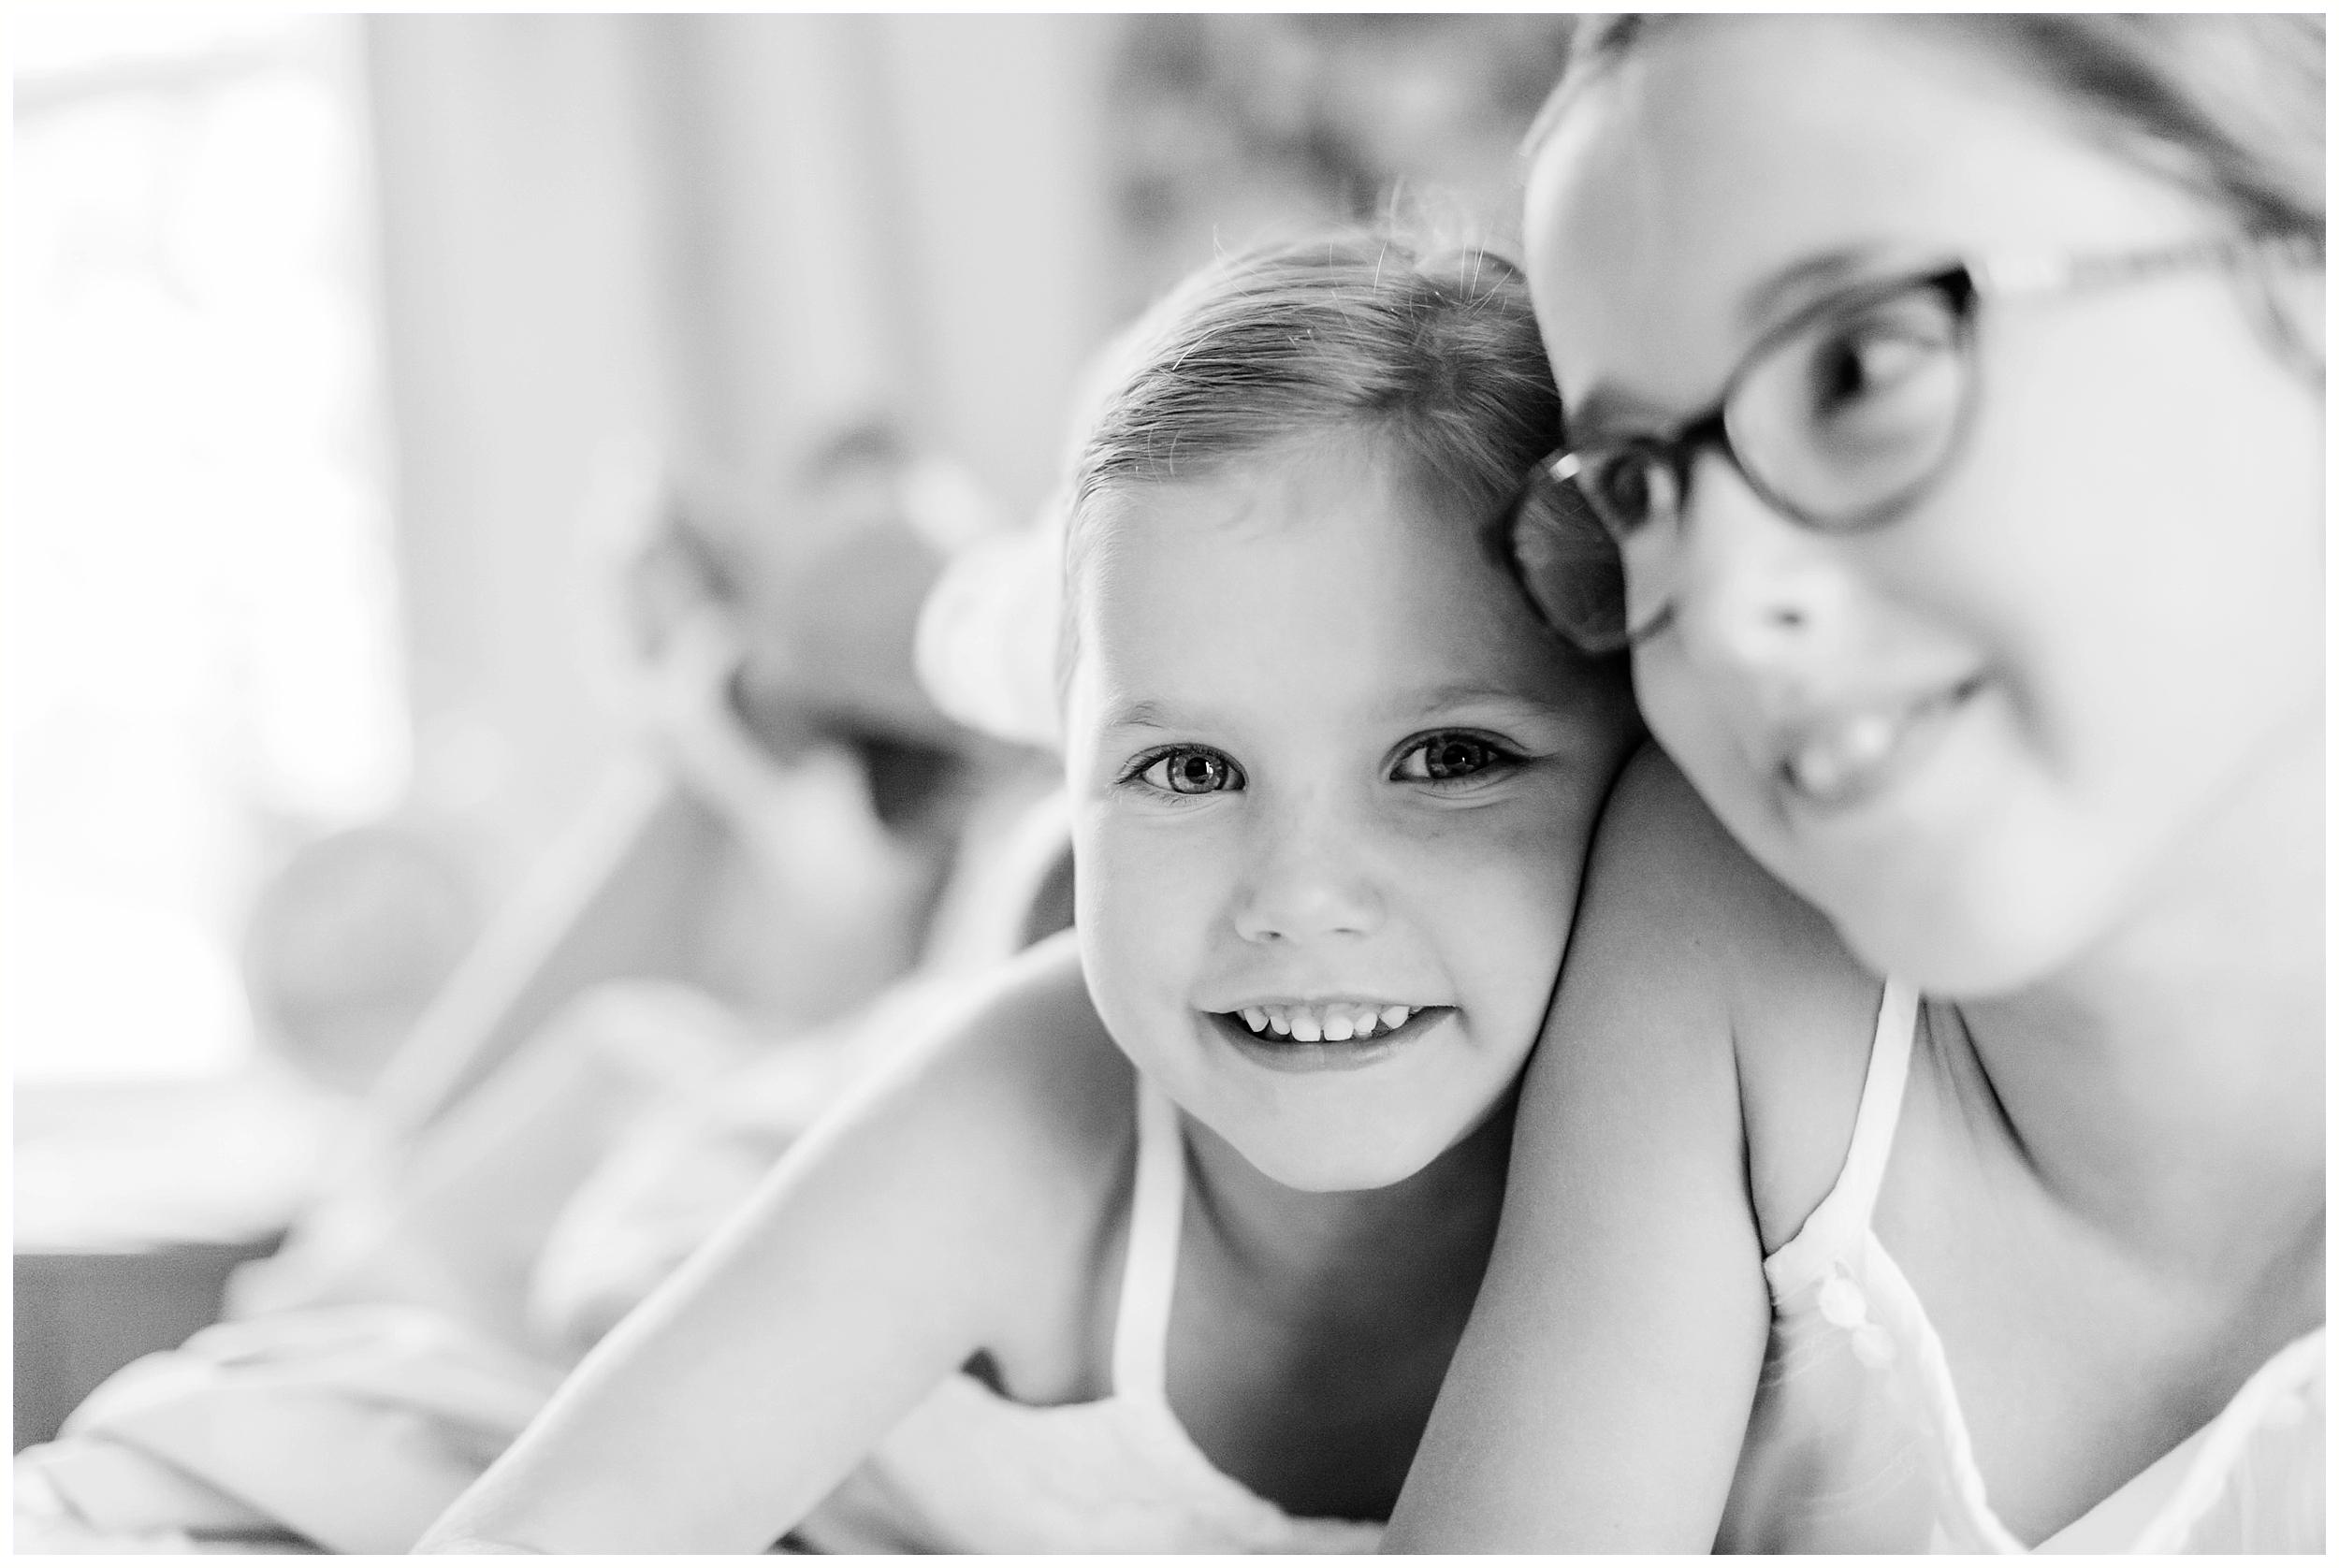 lexington-ky-family-lifestyle-photos-by-priscilla-baierlein_1233.jpg